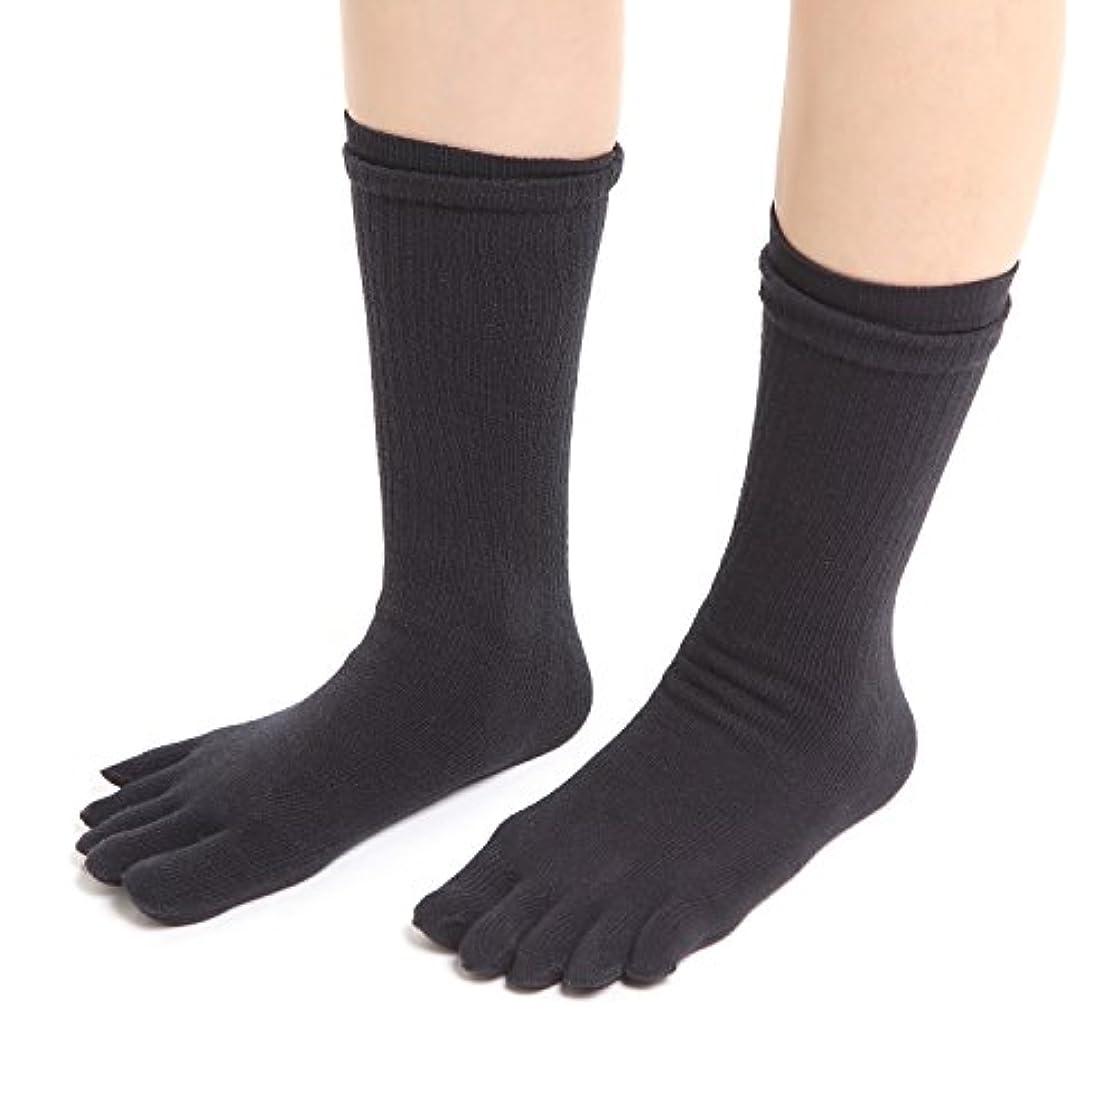 チーフゆるいアンビエントNANA 初心者向け冷えとり靴下 内シルク外コットンソックス 2足セット 5本指ソックス フリーサイズ シルク (黒)